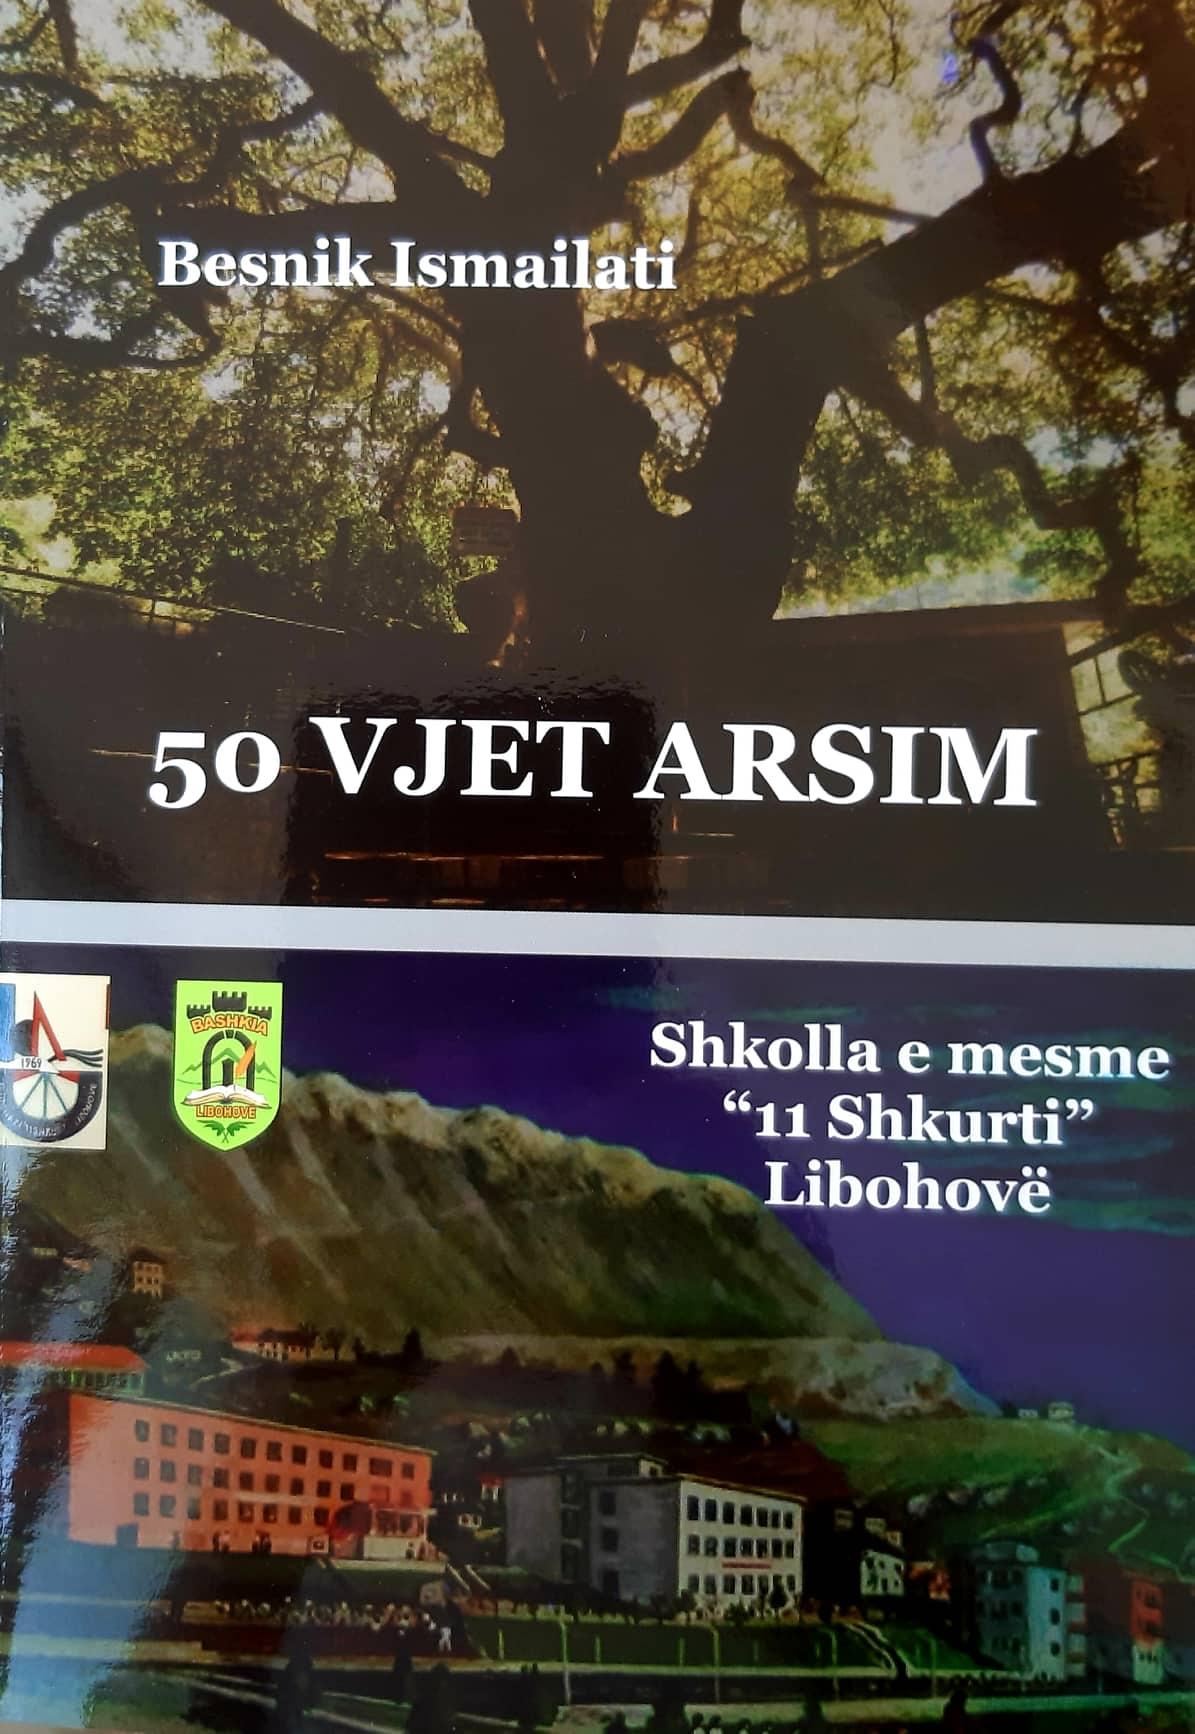 """Botohet Libri Voluminoz i Besnik Ismailatit 50 VJET ARSIM - Shkolla e Mesme """"11 Shkurti"""" Libohovë"""